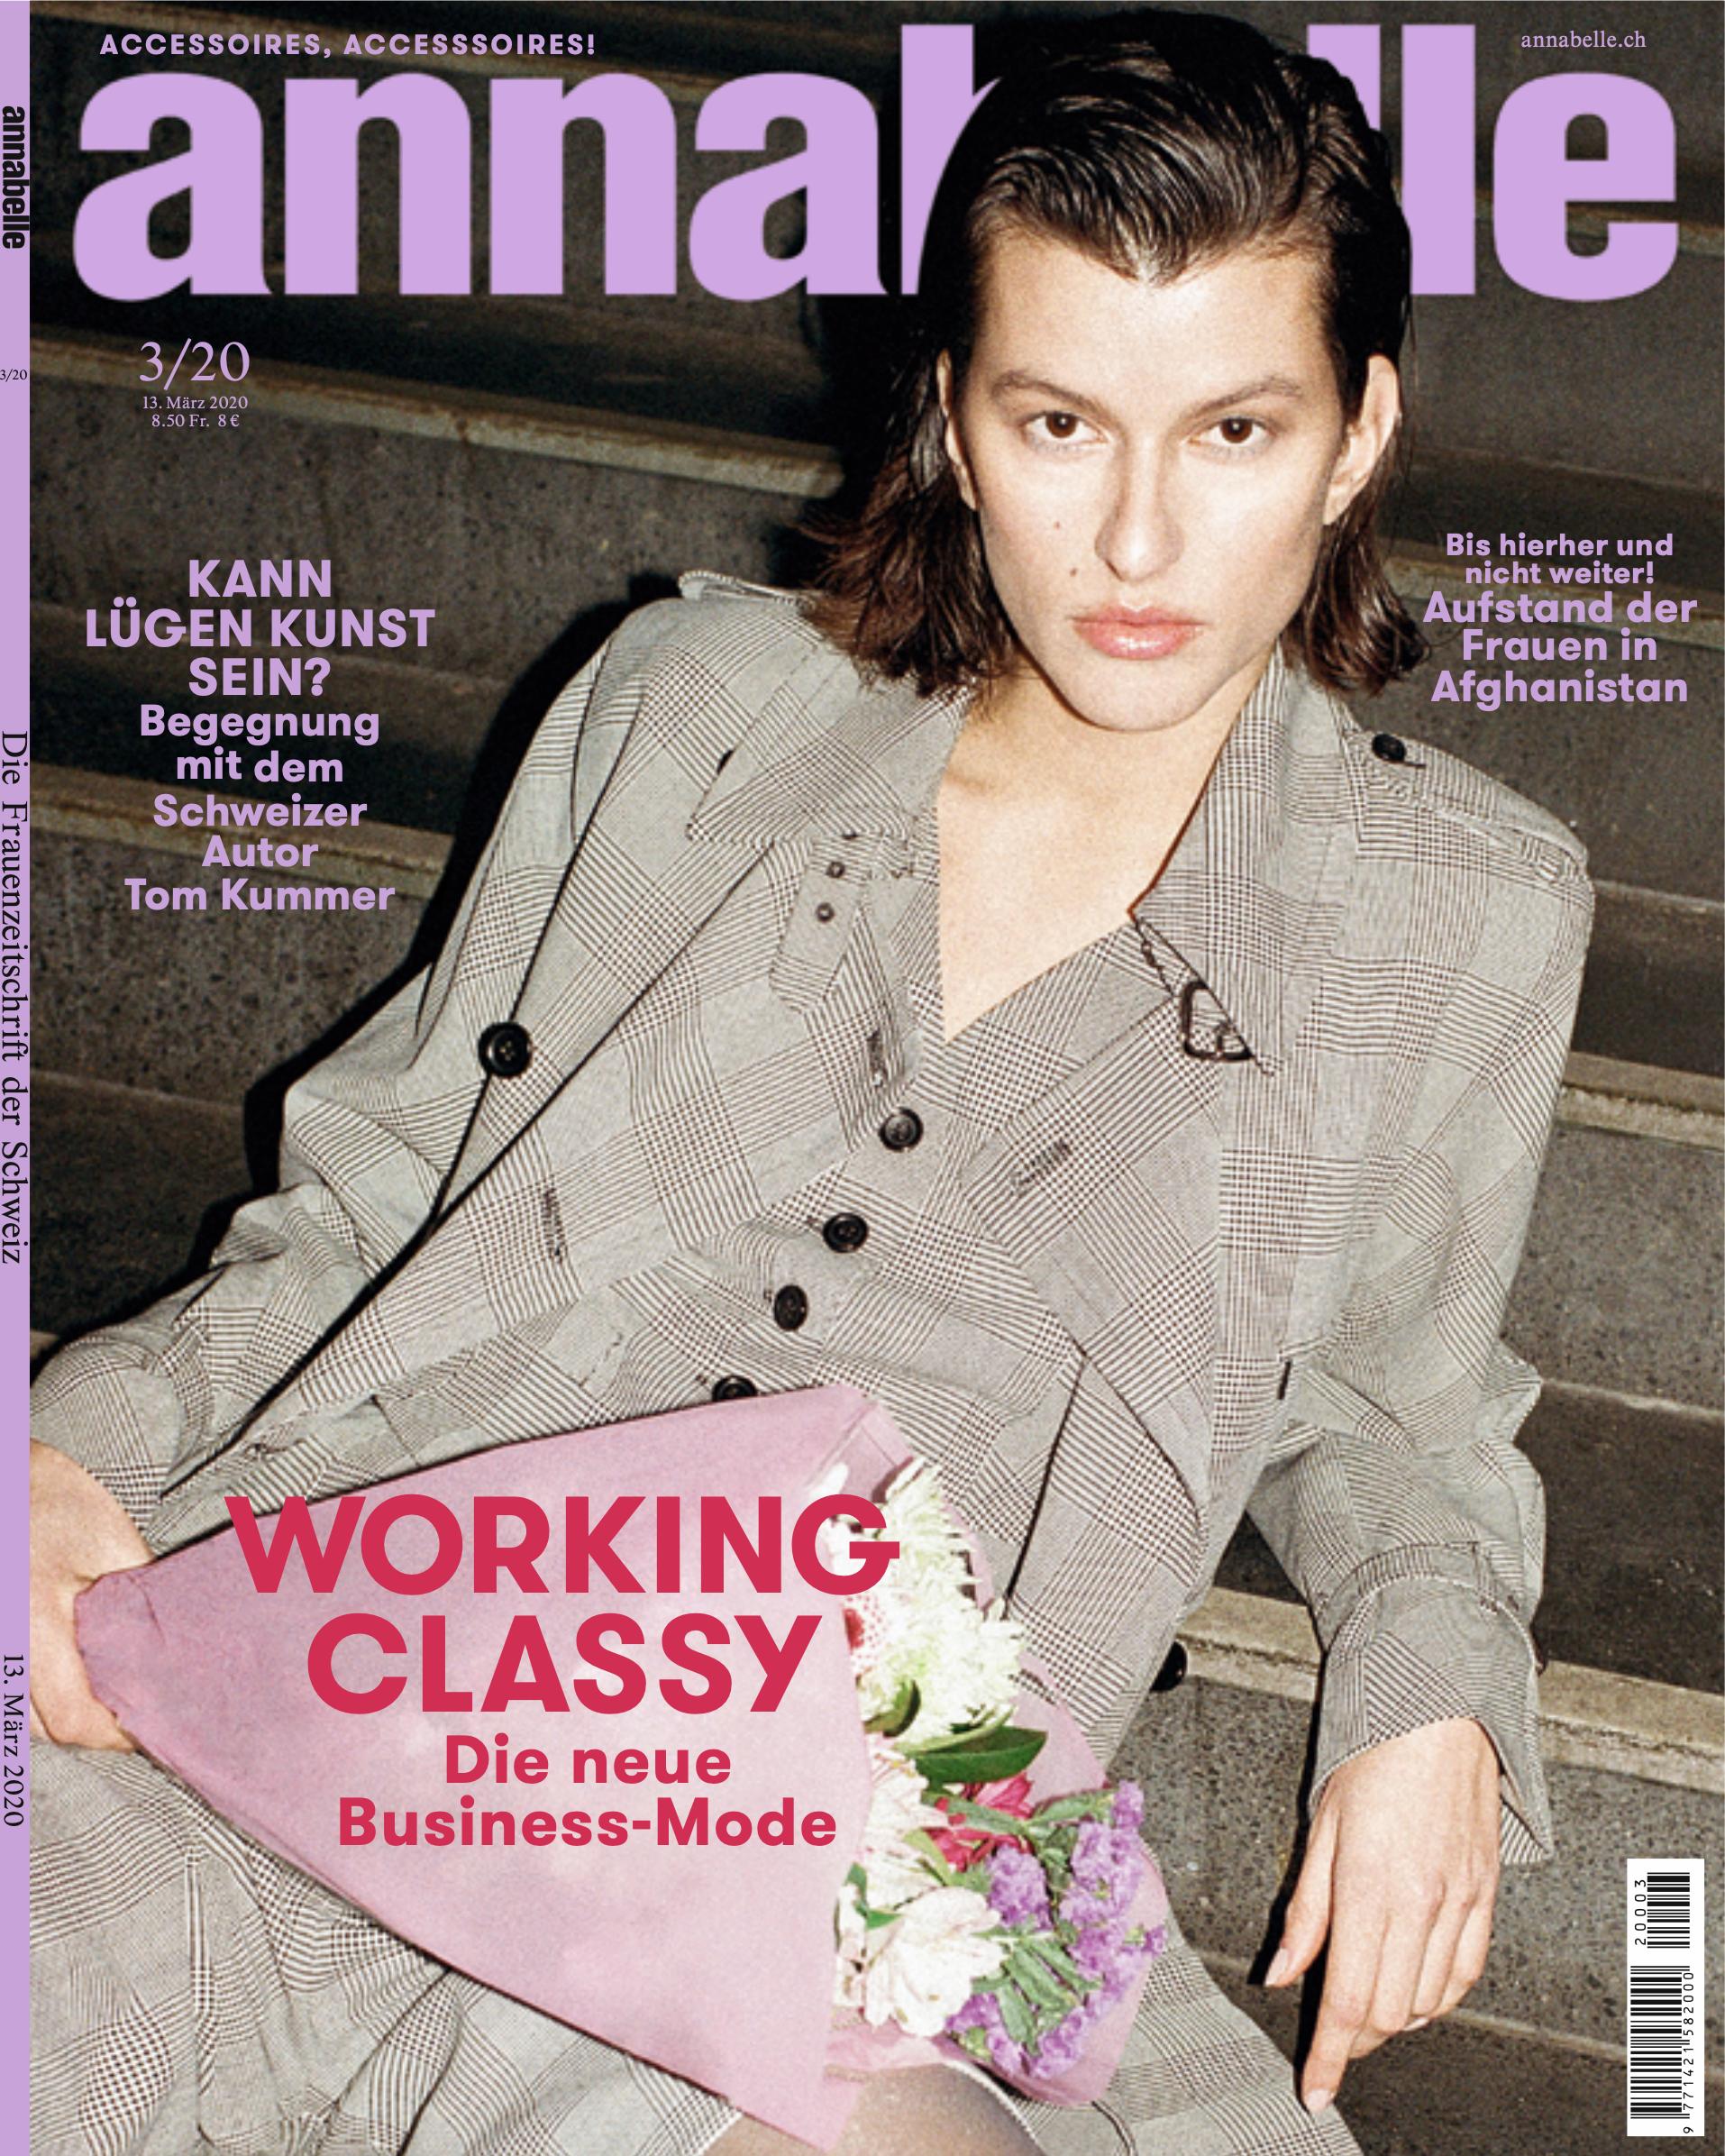 annabelle – 20/03